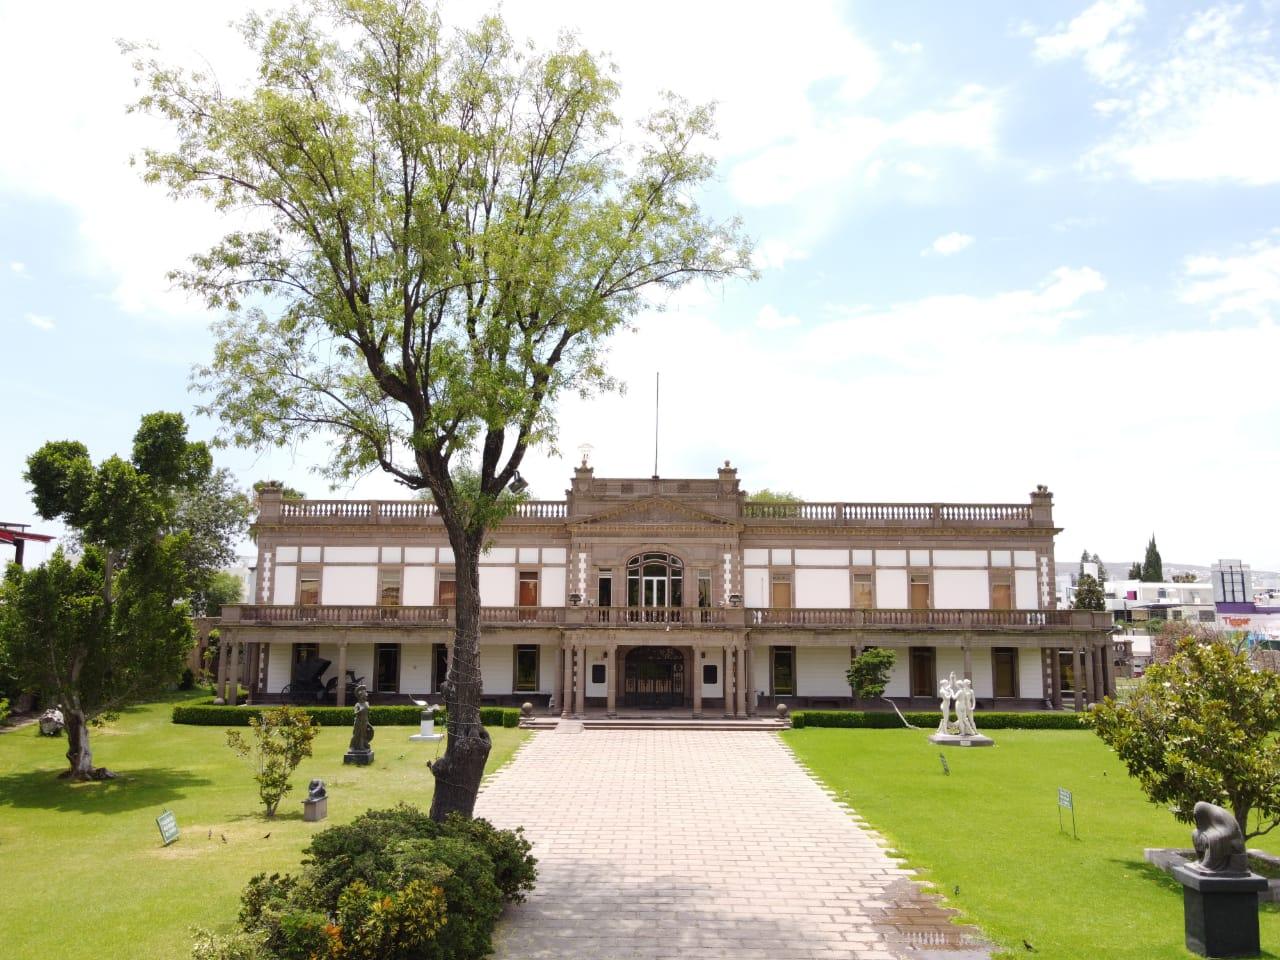 Actividades infantiles en el Museo Francisco Cossío